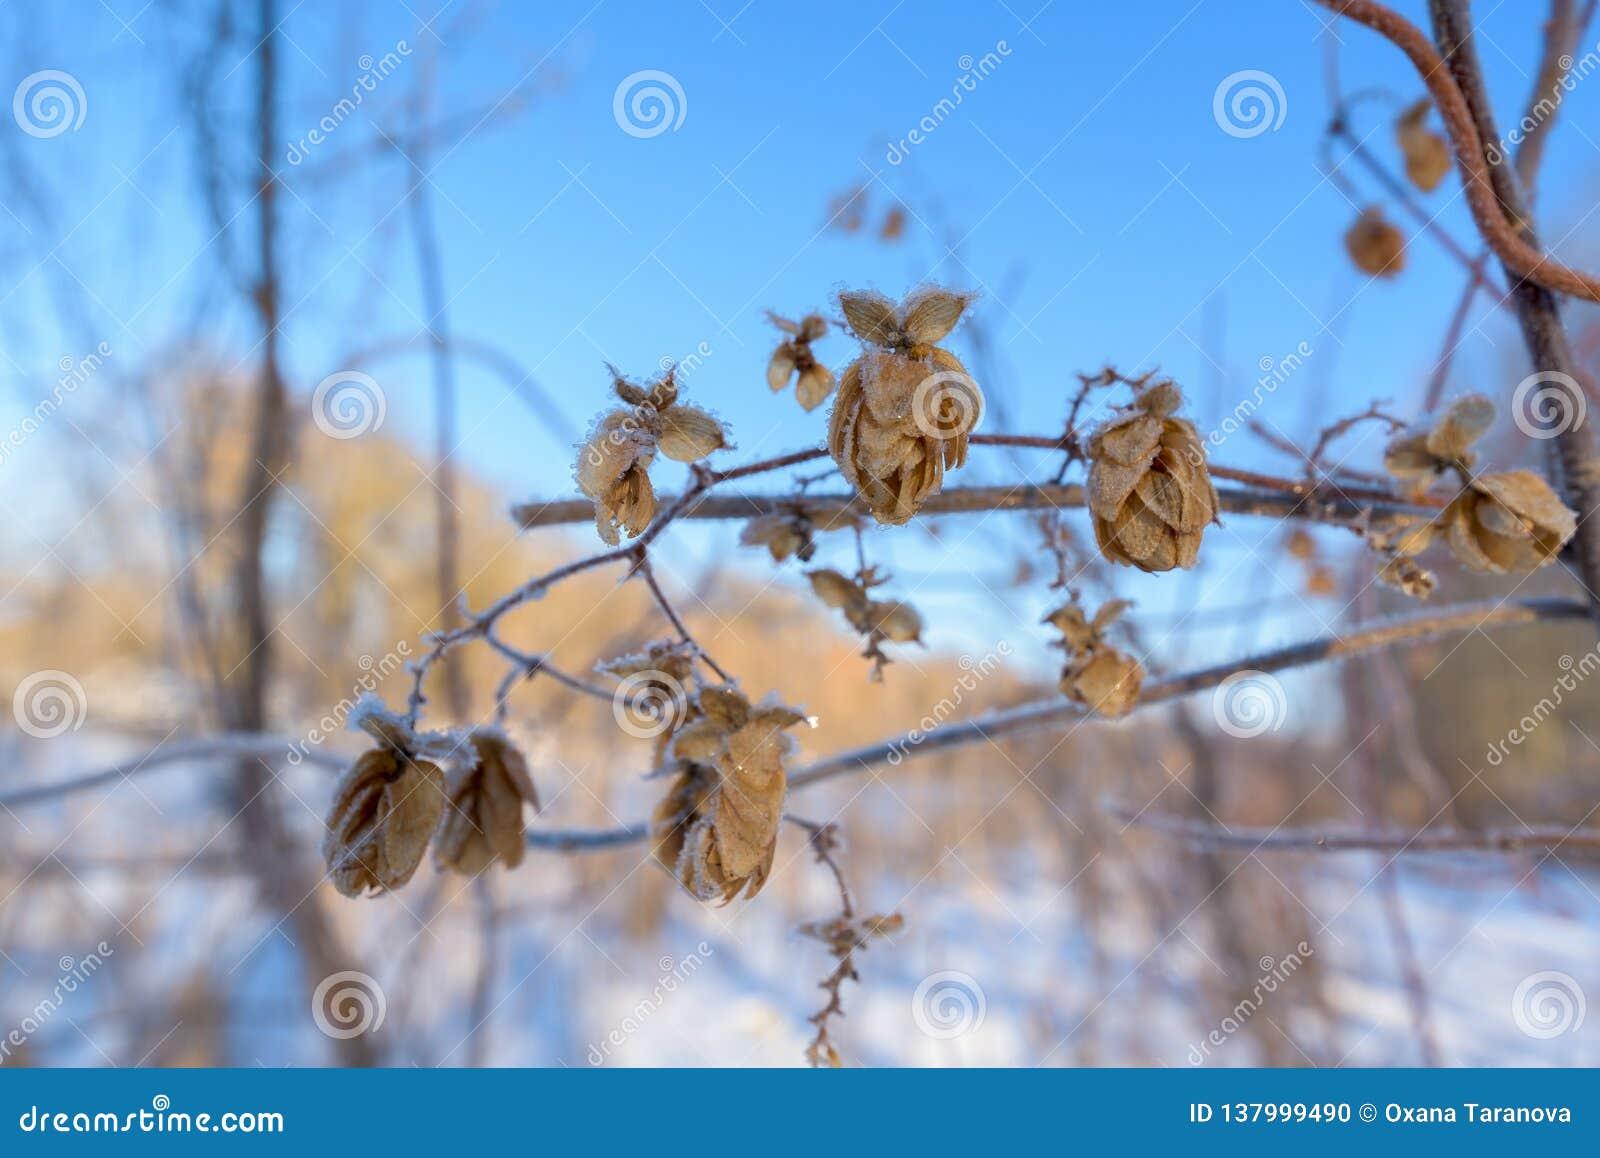 Cones de lúpulo cobertos com o gelo contra o céu azul, dia gelado